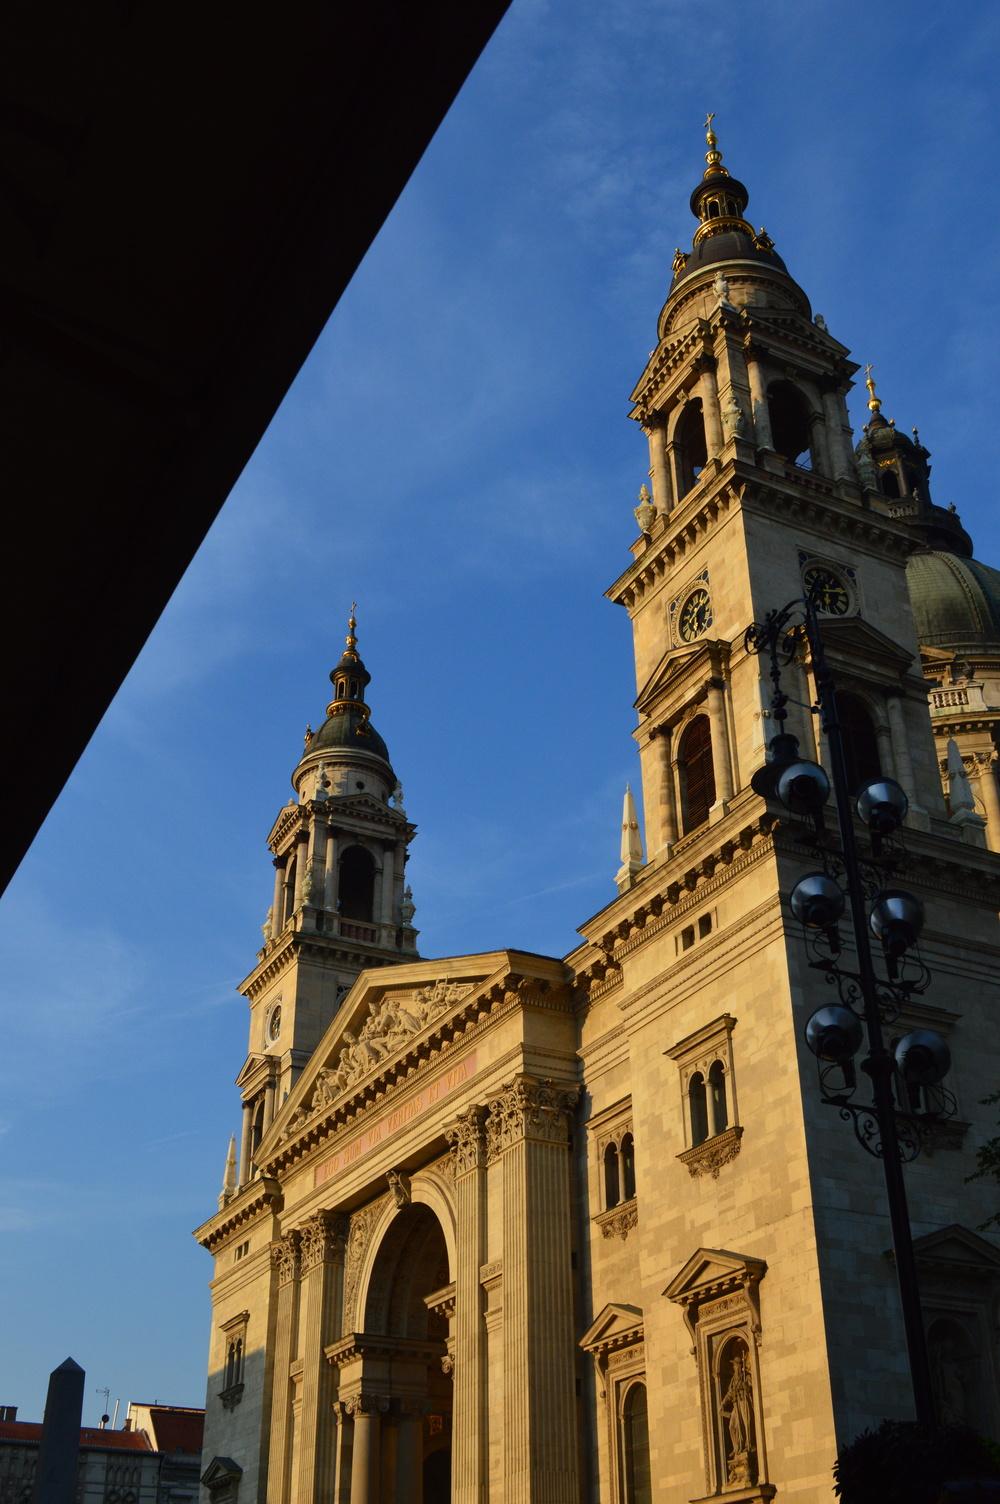 St. Steven's Basilica